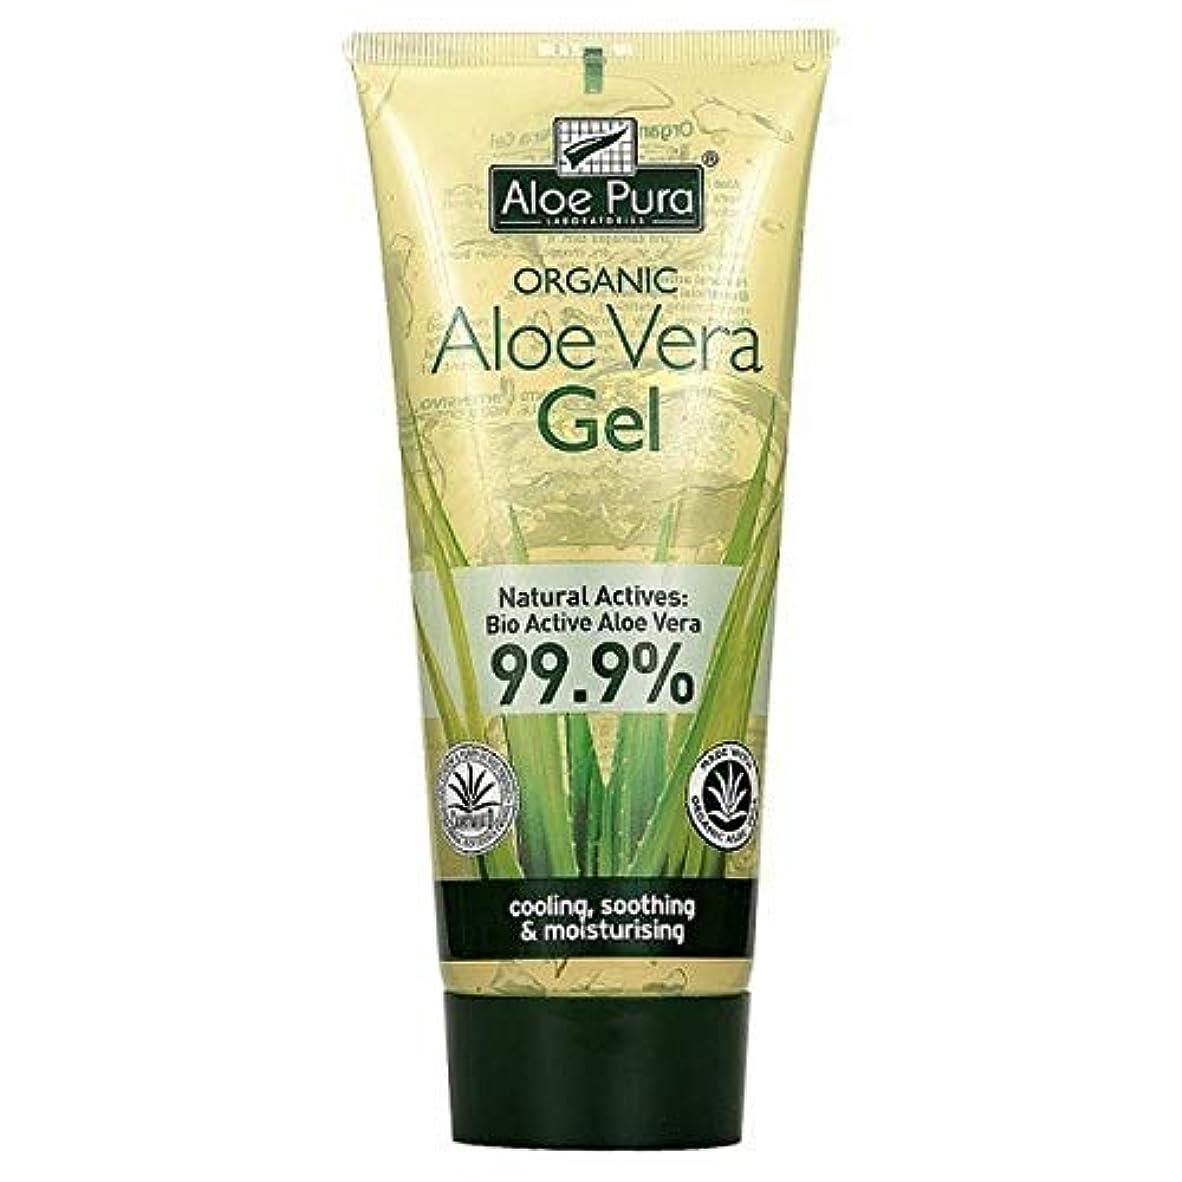 物理的にオセアニアハリケーン[Aloe Pura ] アロエプラのアロエベラスキンジェル200Ml - Aloe Pura Aloe Vera Skin Gel 200ml [並行輸入品]